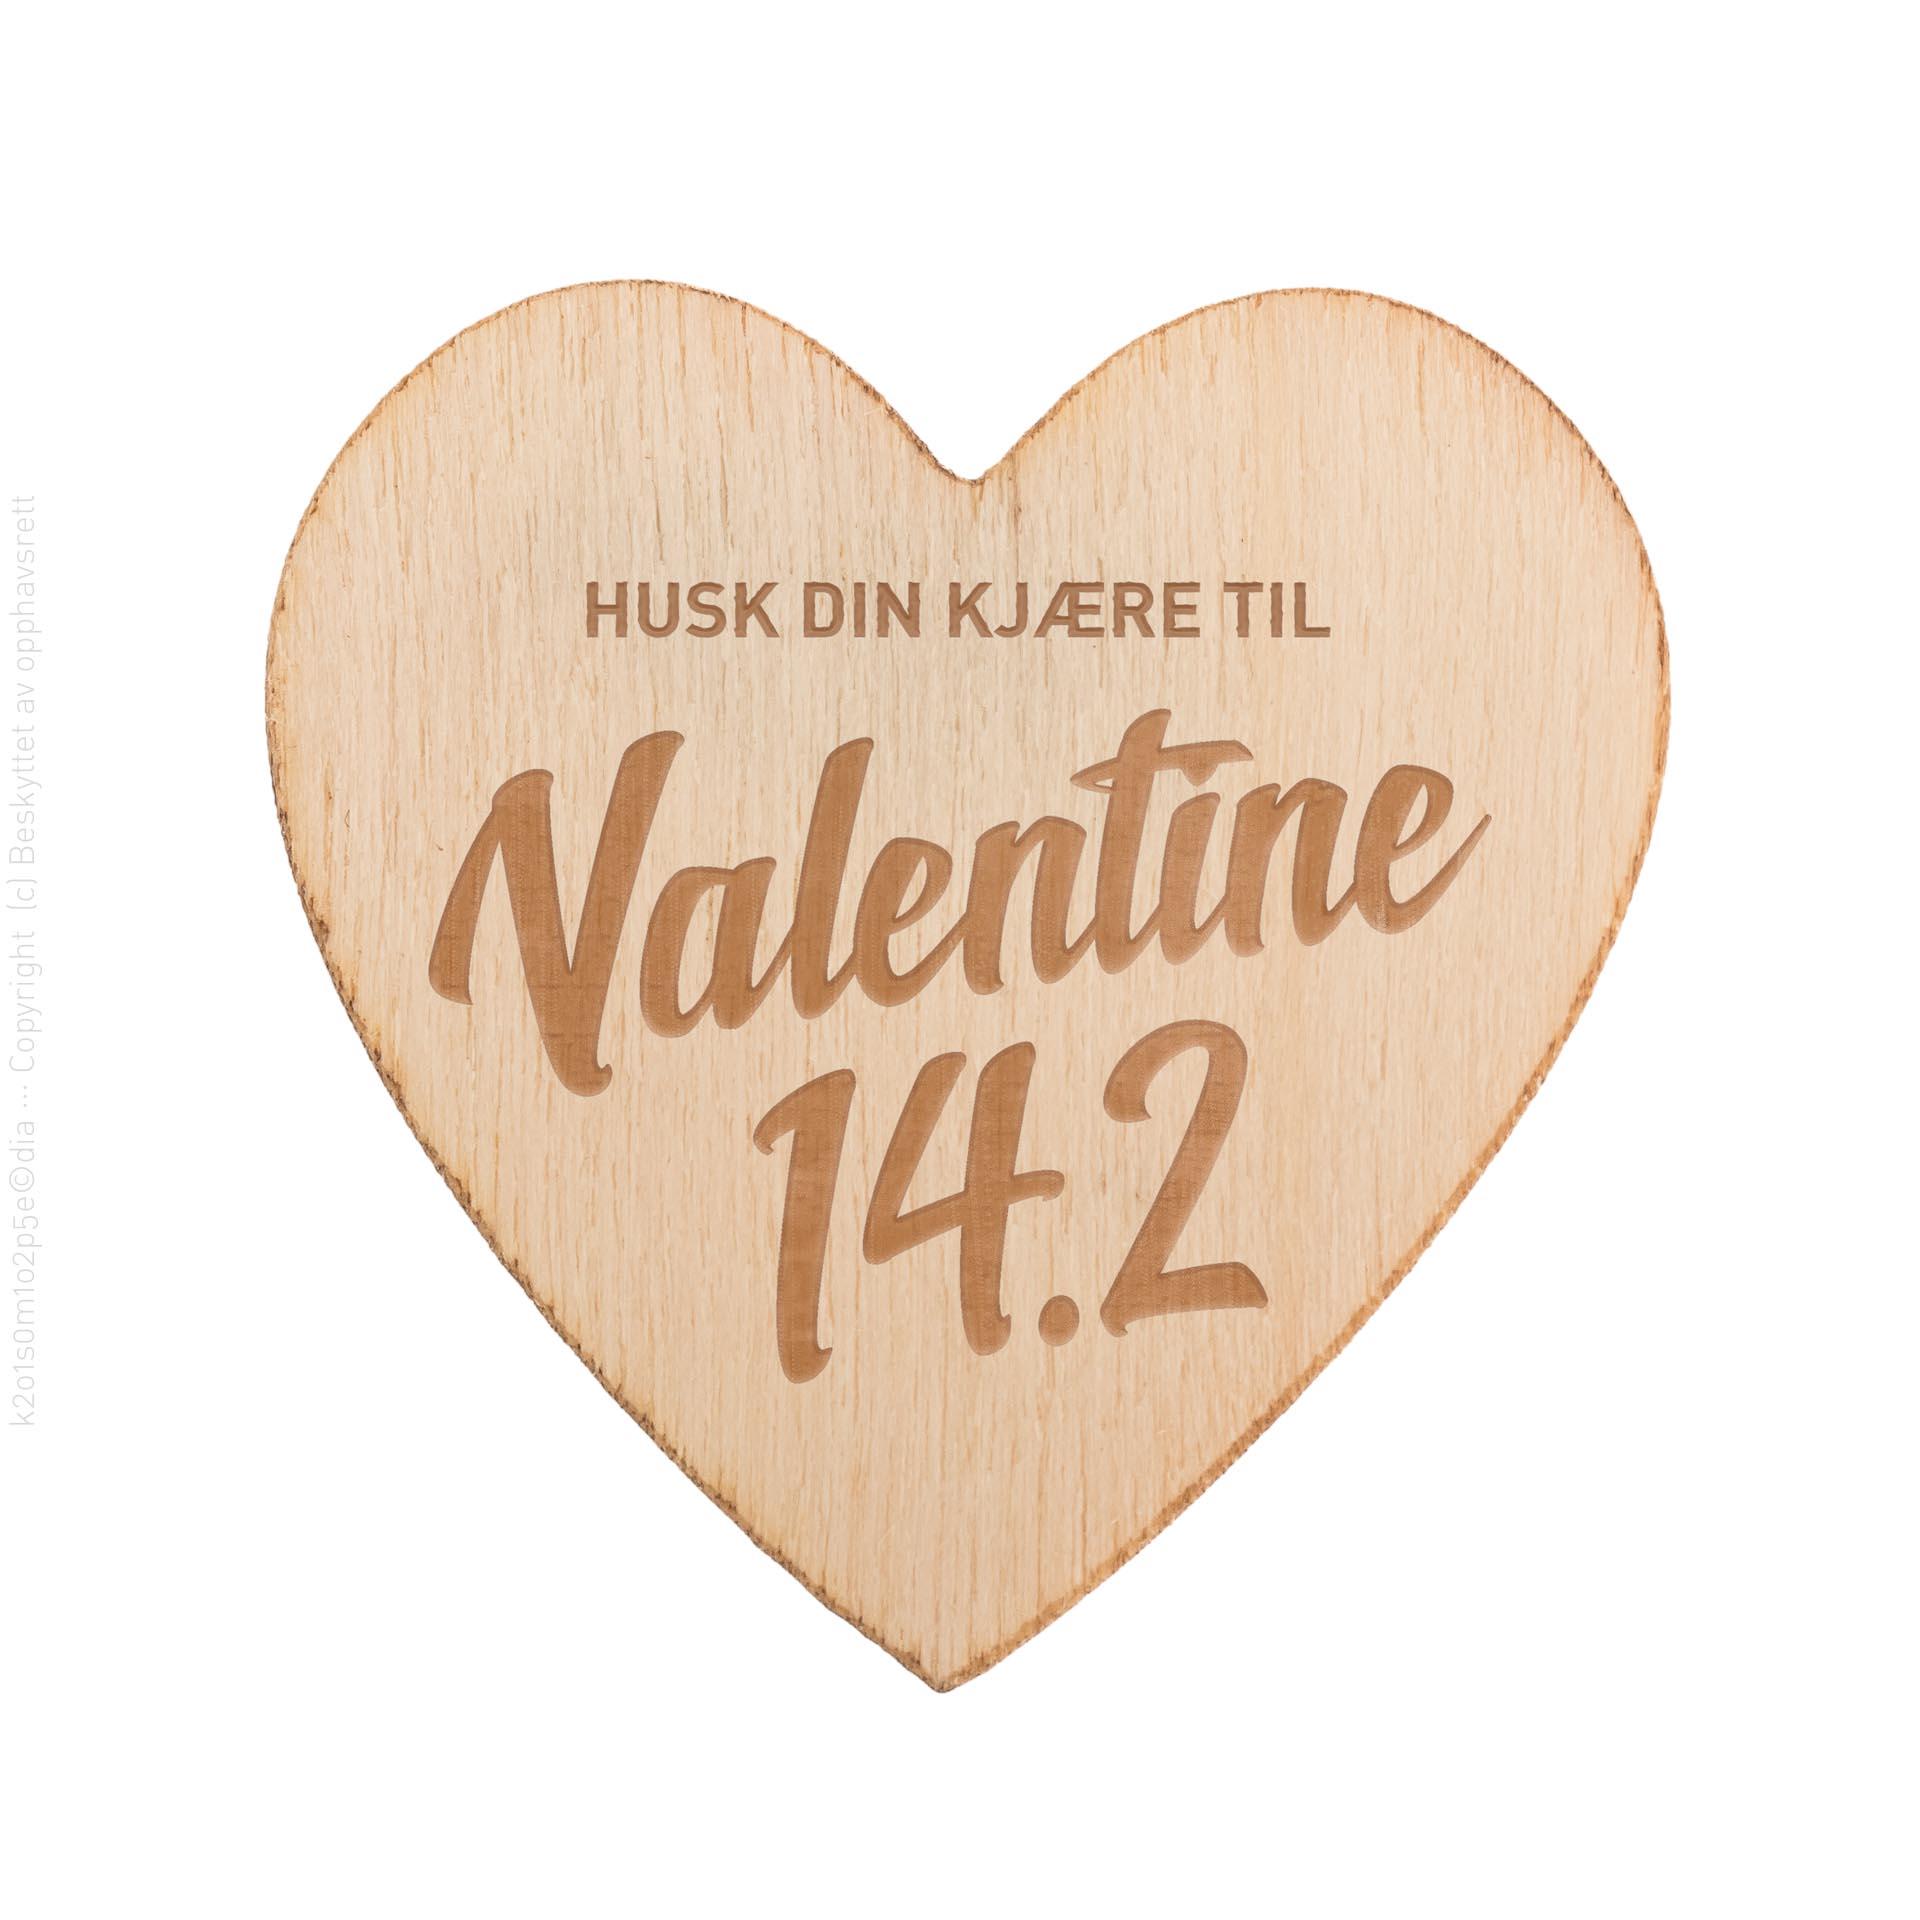 Husk din kjære til Valentine 14.2